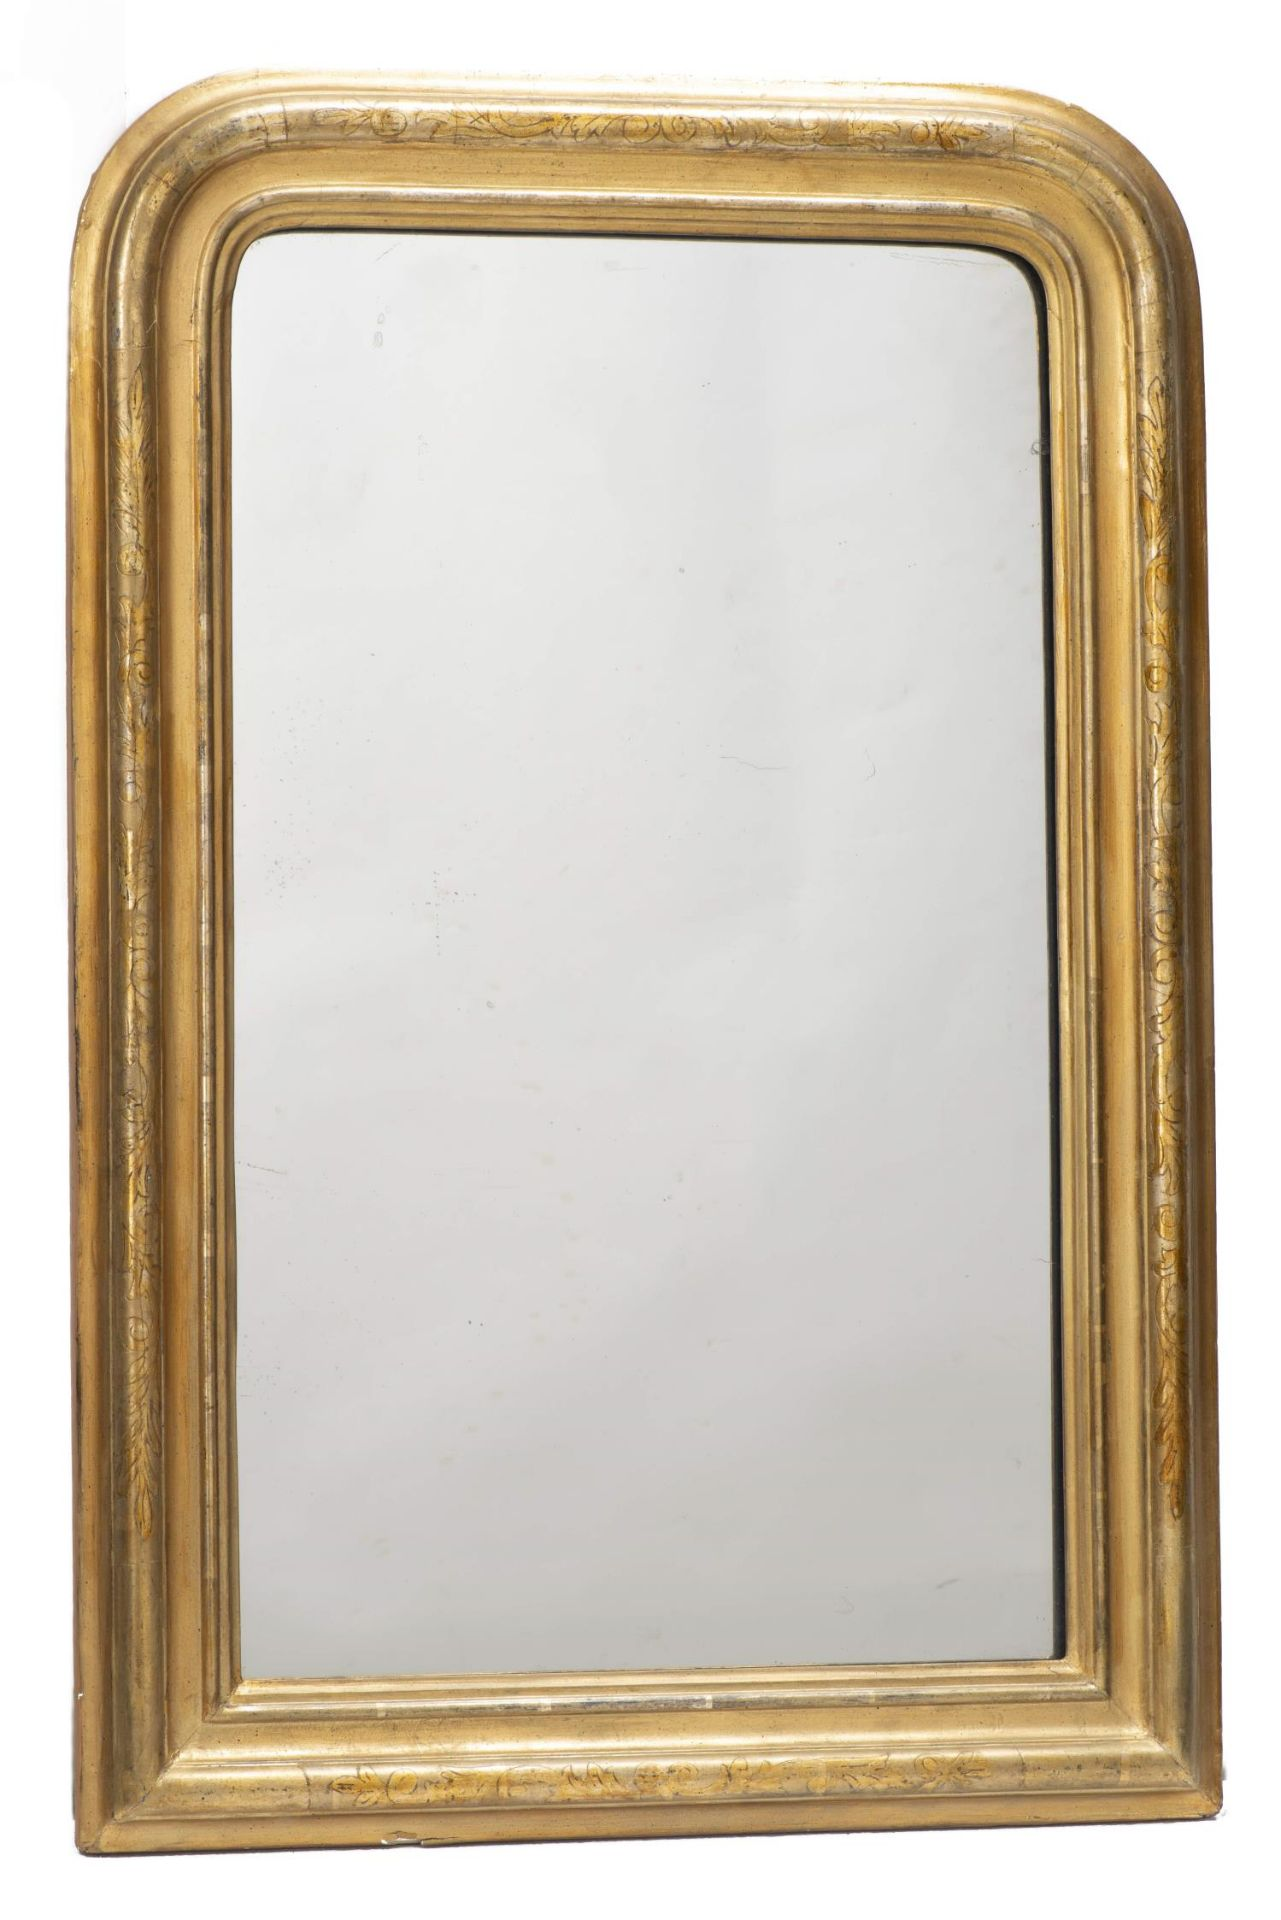 Miroir vertical à cadre en stuc doré d'époque Louis-Philippe